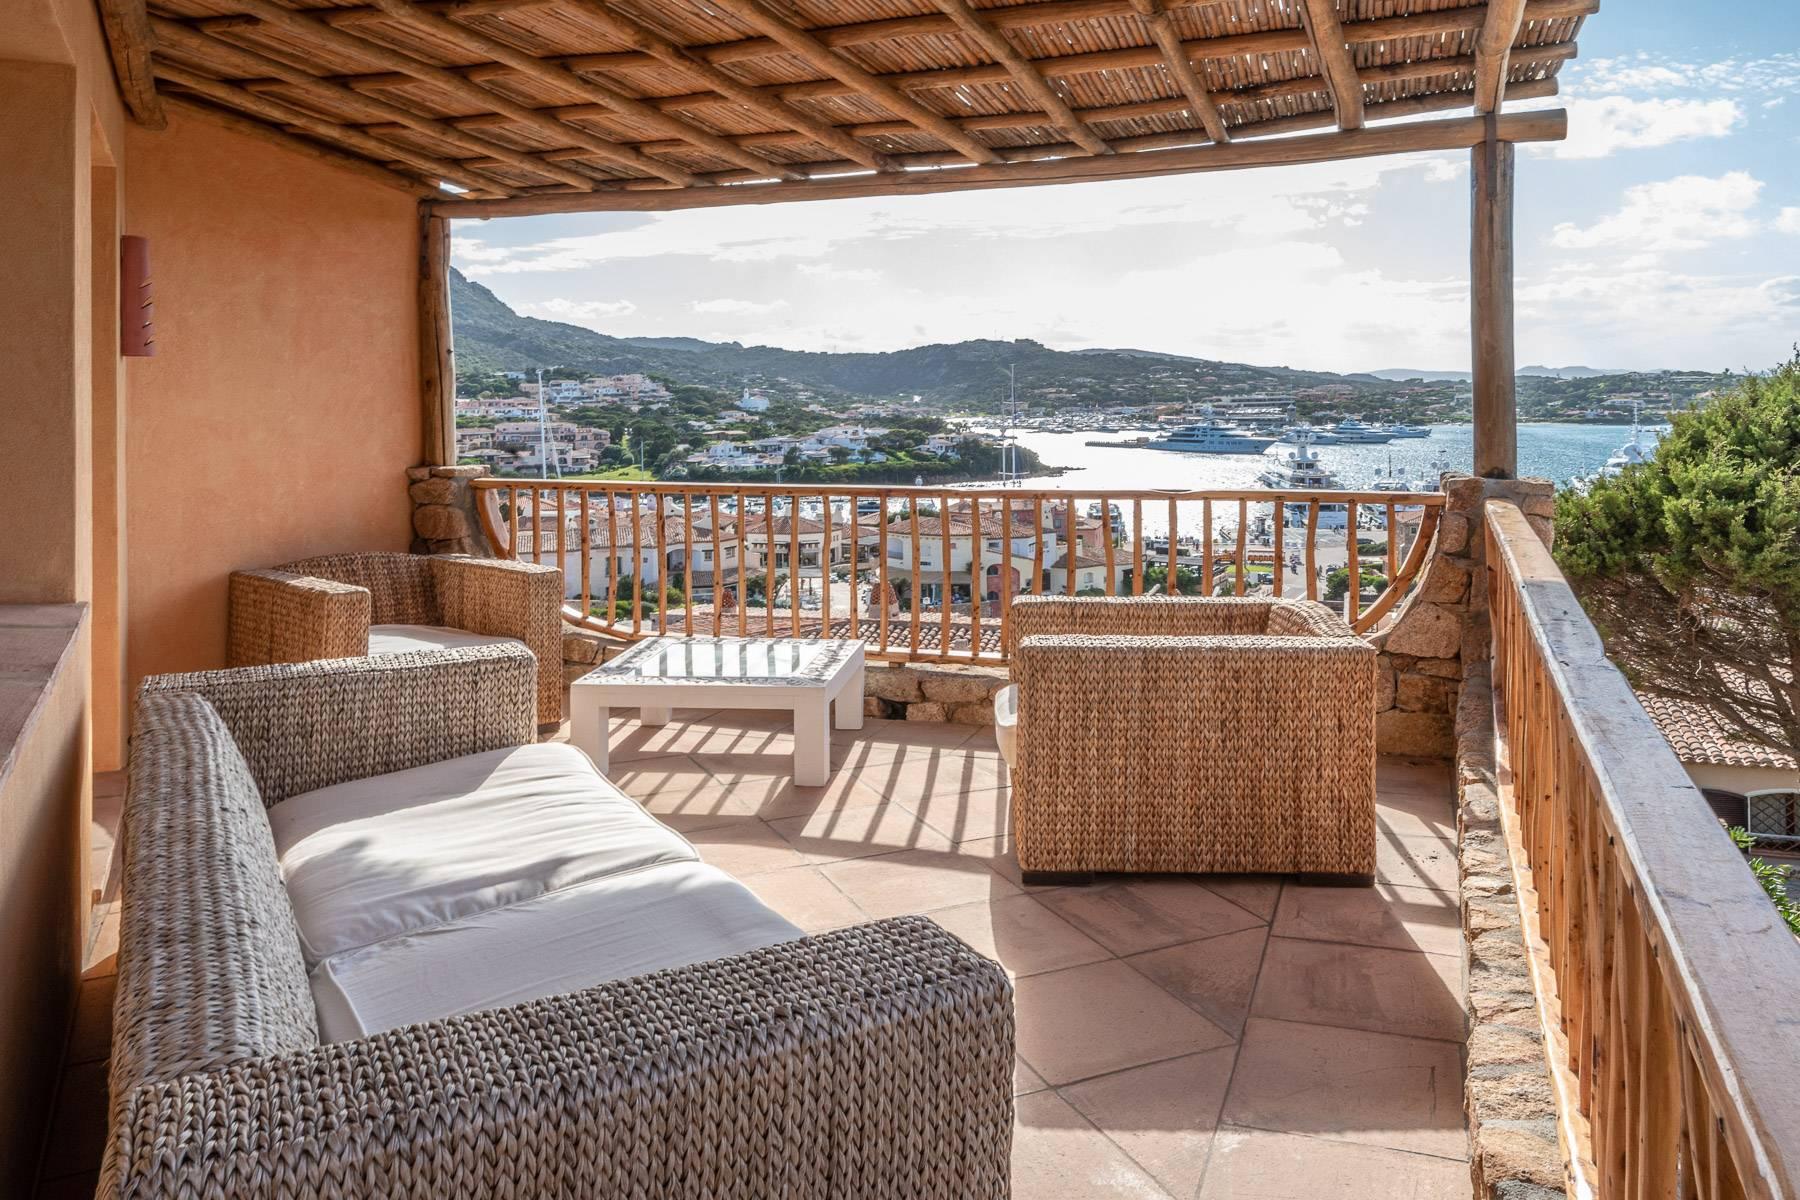 Importante villa indipendente con un impareggiabile panorama, nel cuore di Porto Cervo. - 6